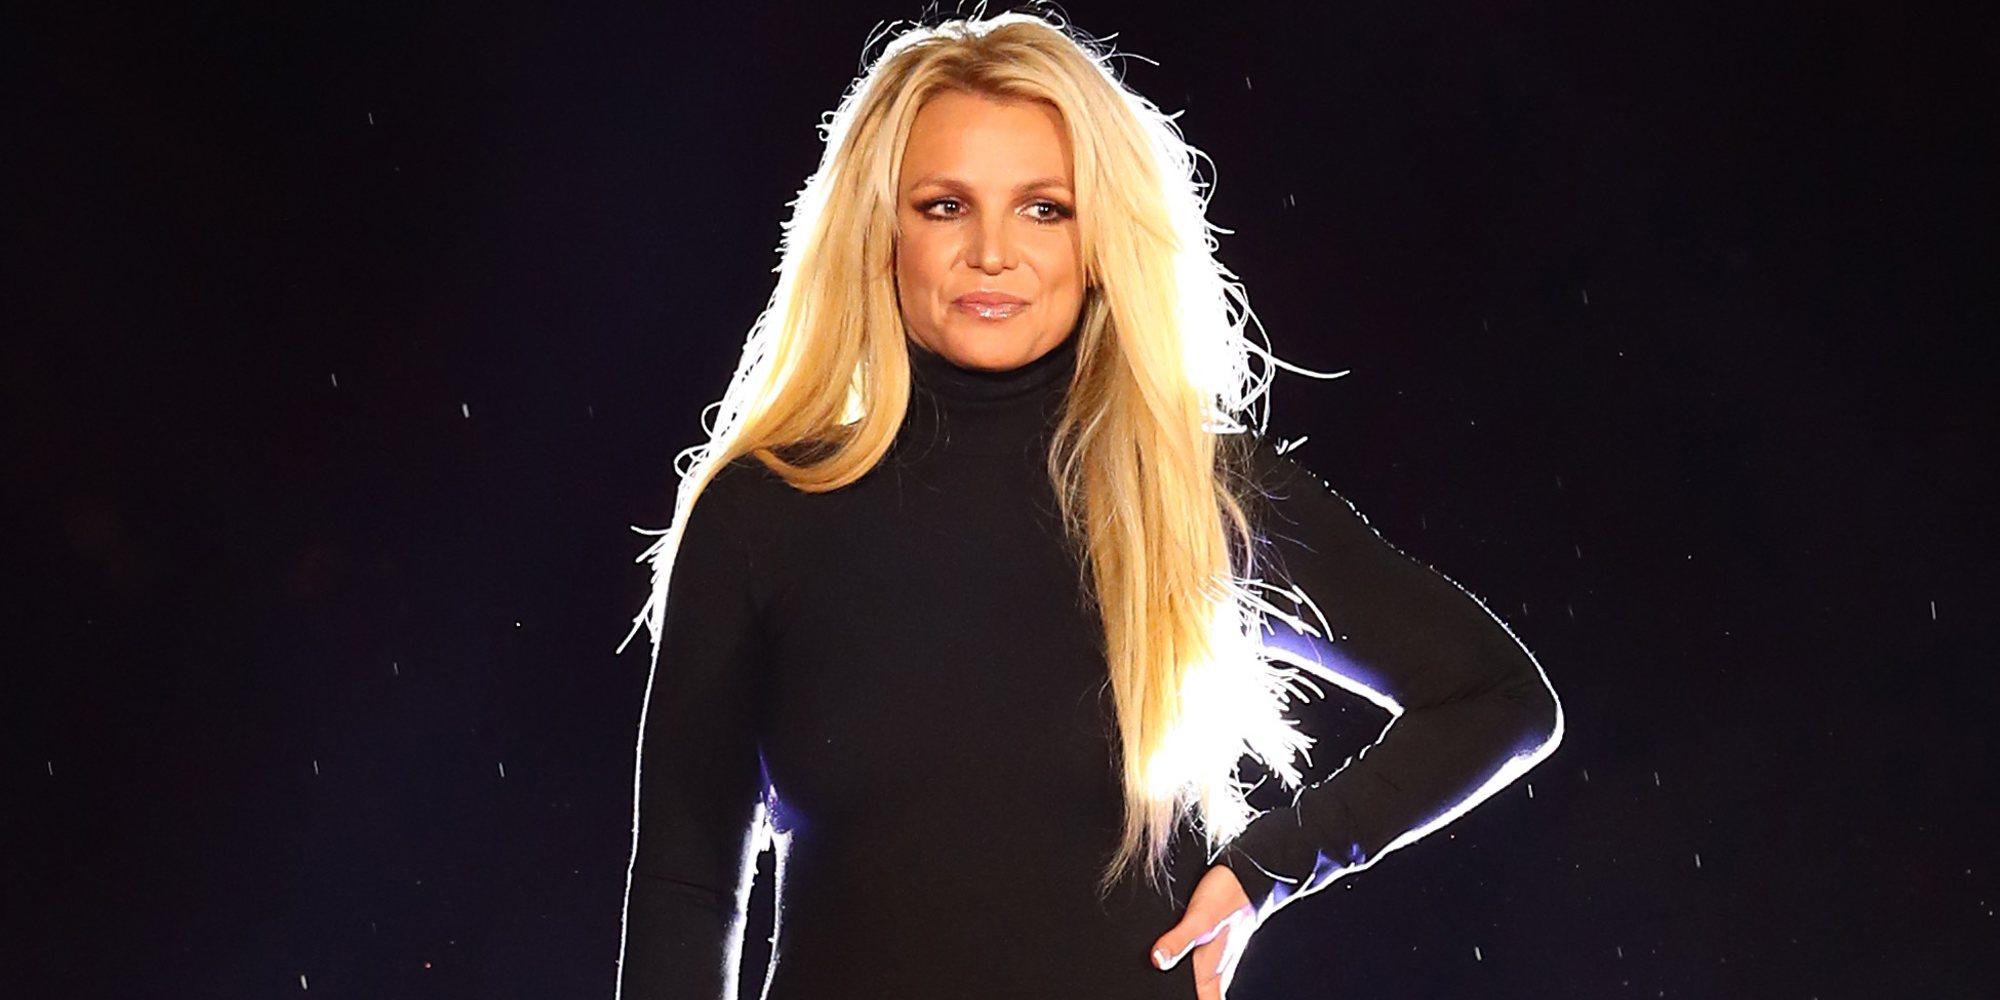 El ingreso de Britney Spears en un centro de salud mental podría suponer el final de su carrera